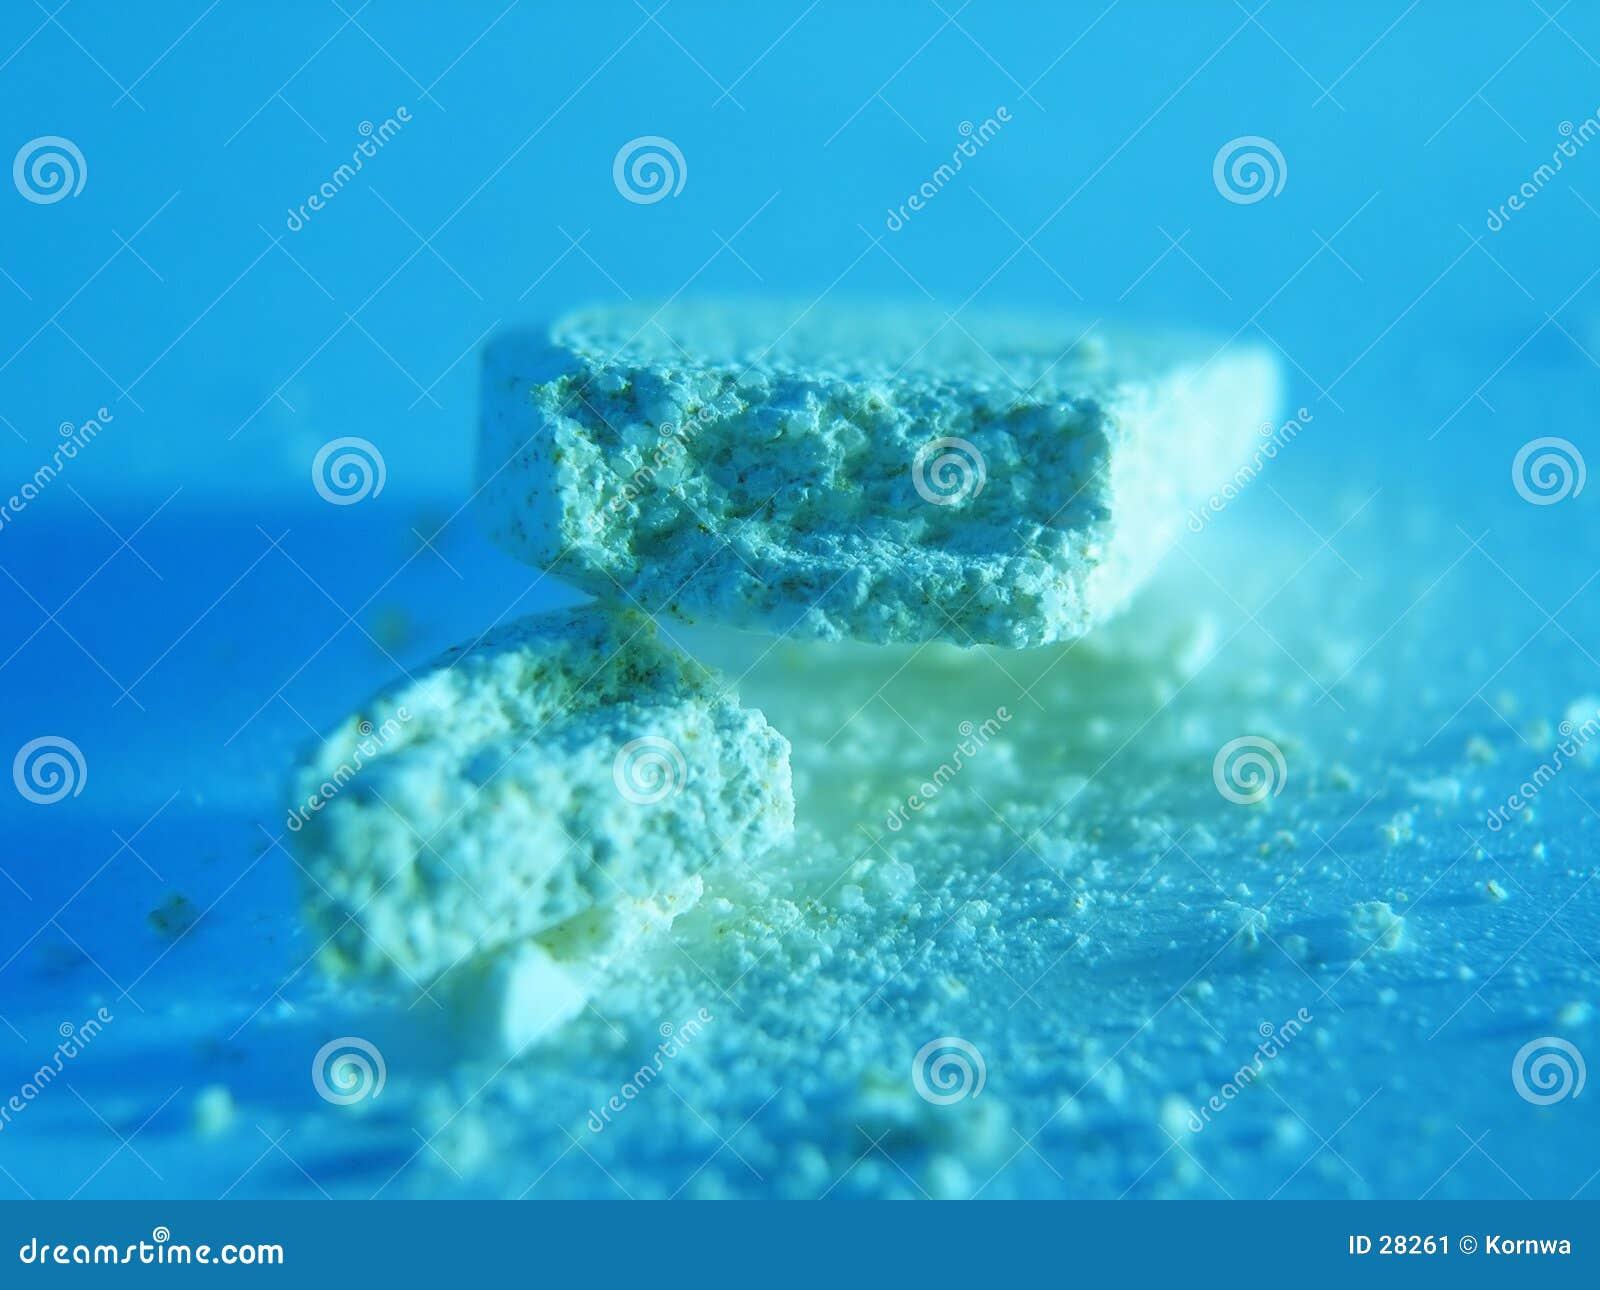 Download Kalziumvitamine stockbild. Bild von colds, krankenhaus, drugstore - 28261